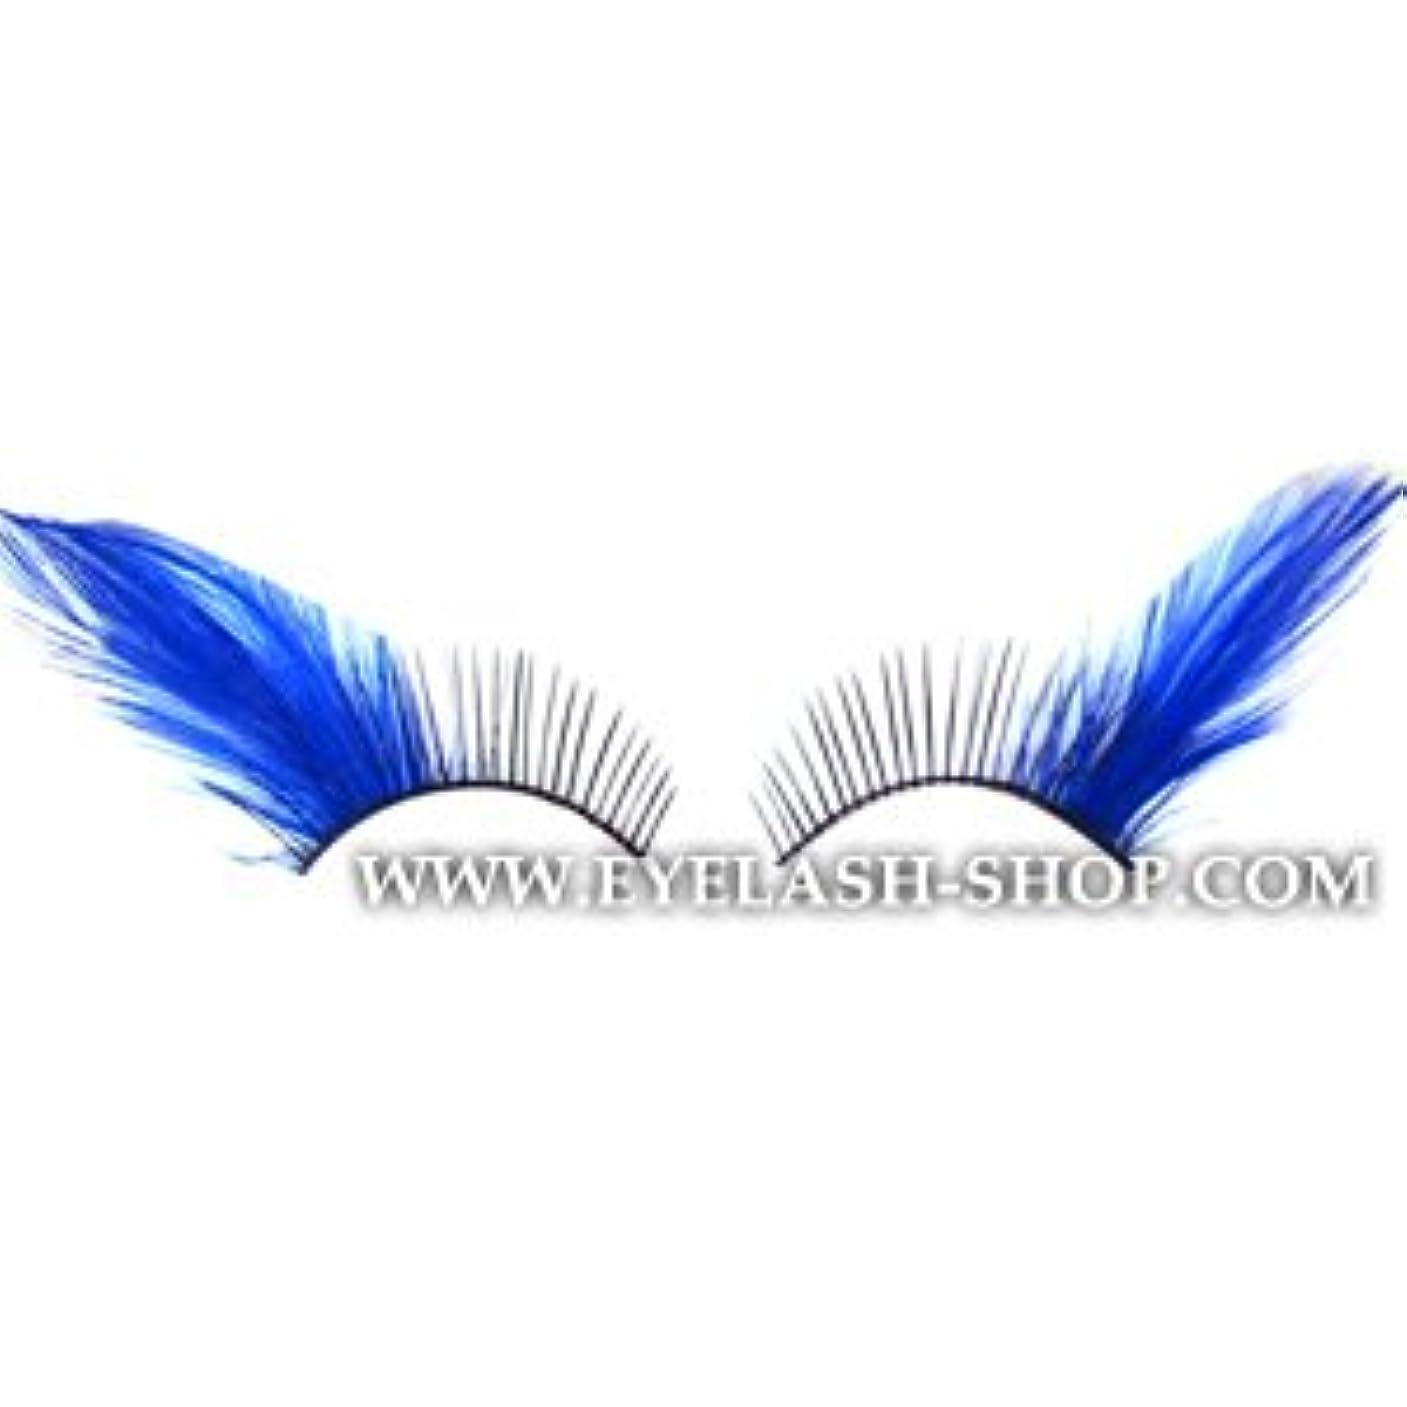 スパン誰か三角つけまつげ セット 羽 ナチュラル つけま 部分 まつげ 羽まつげ 羽根つけま カラー デザイン フェザー 激安 アイラッシュETY-421 (ETY-421BE)